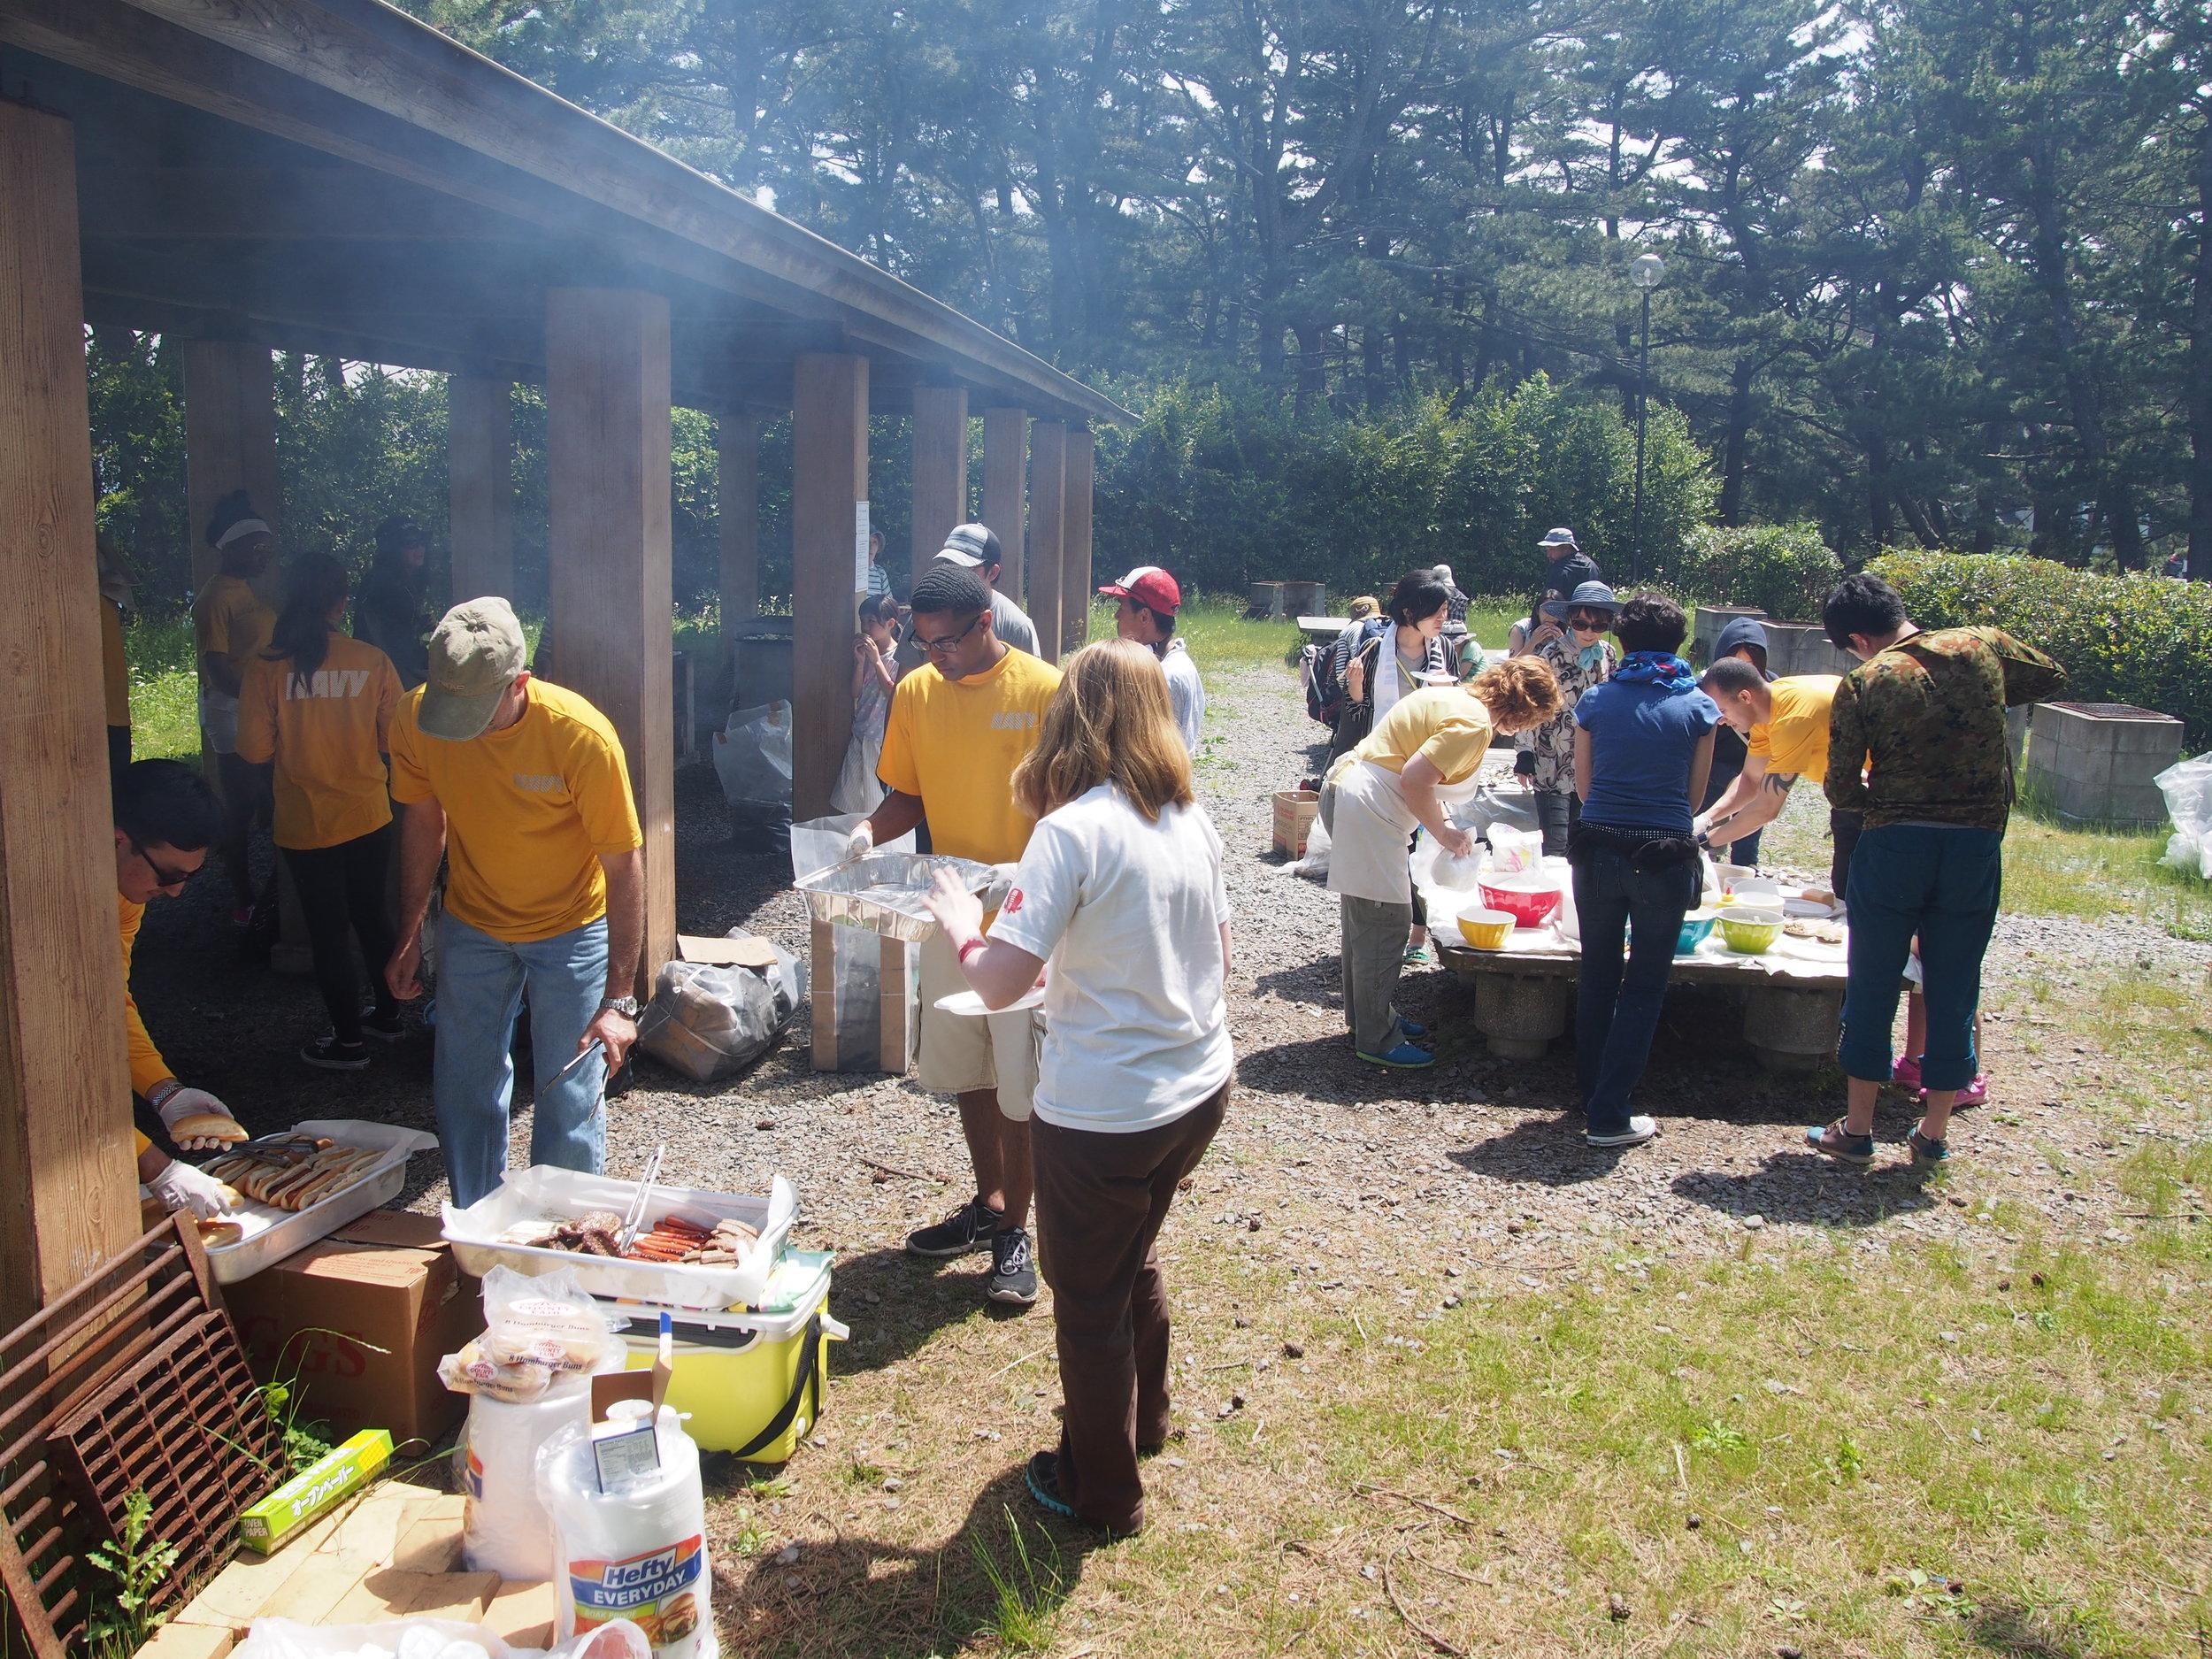 BBQ preparations underway by volunteers.